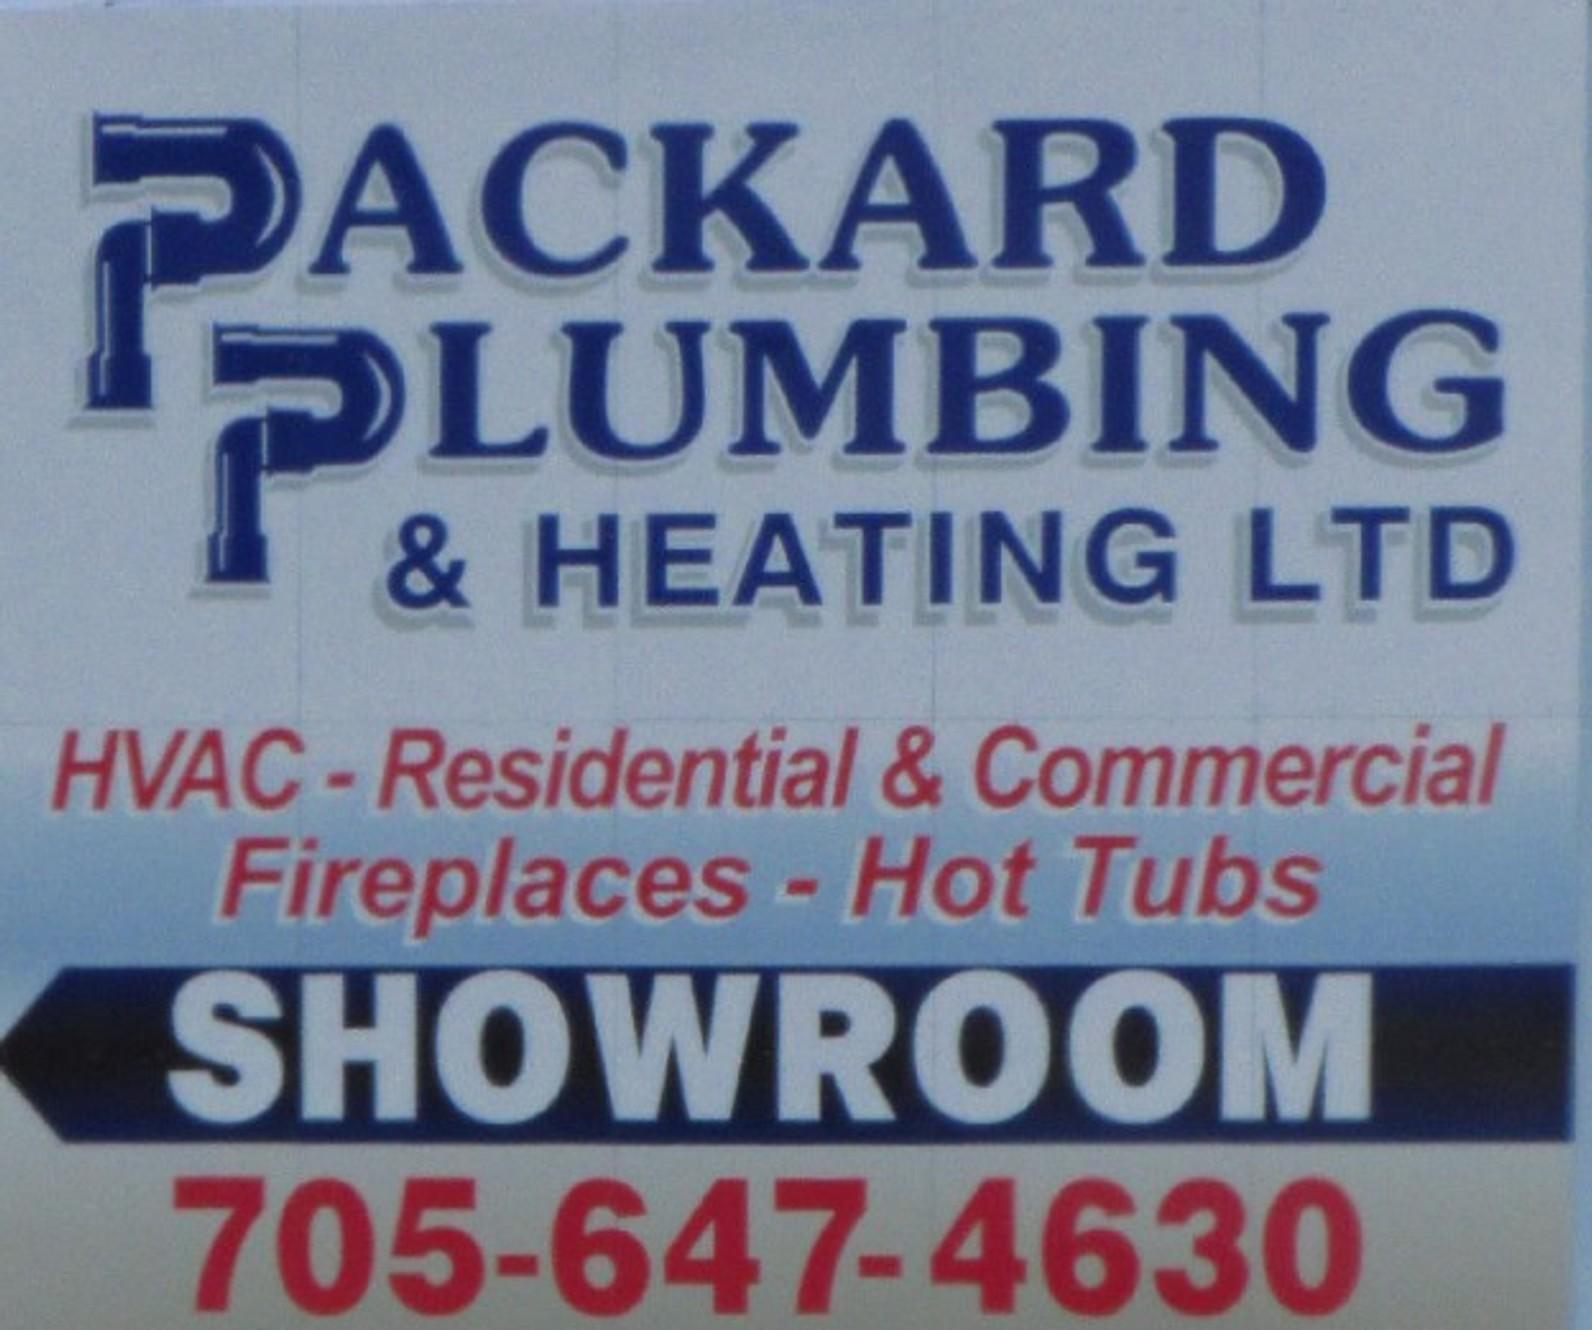 Packard Plumbing & Heating Ltd logo